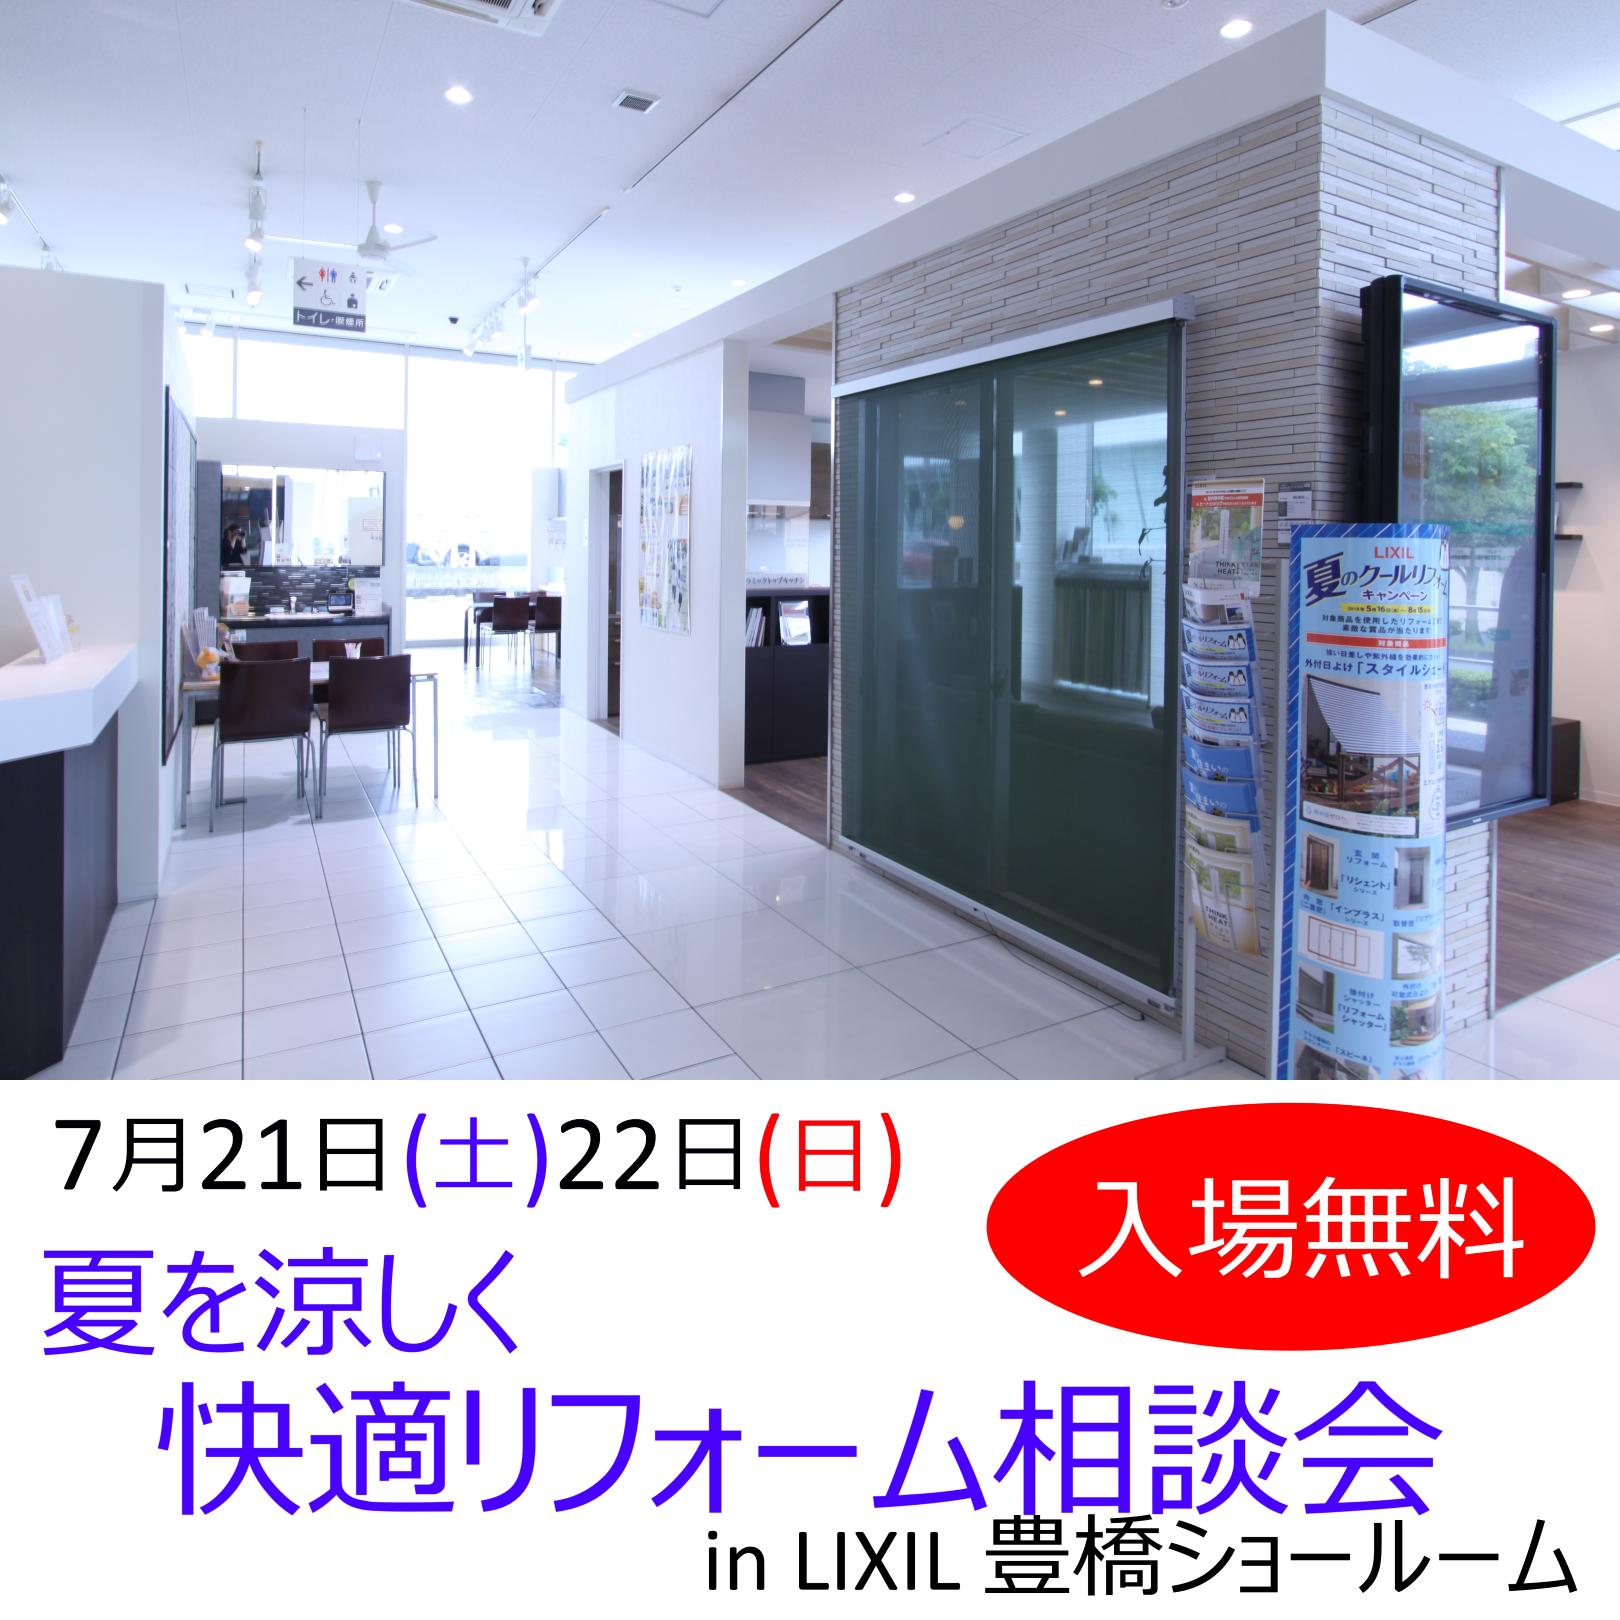 【入場無料】7/21(土)22(日)夏を涼しく!快適リフォーム相談会